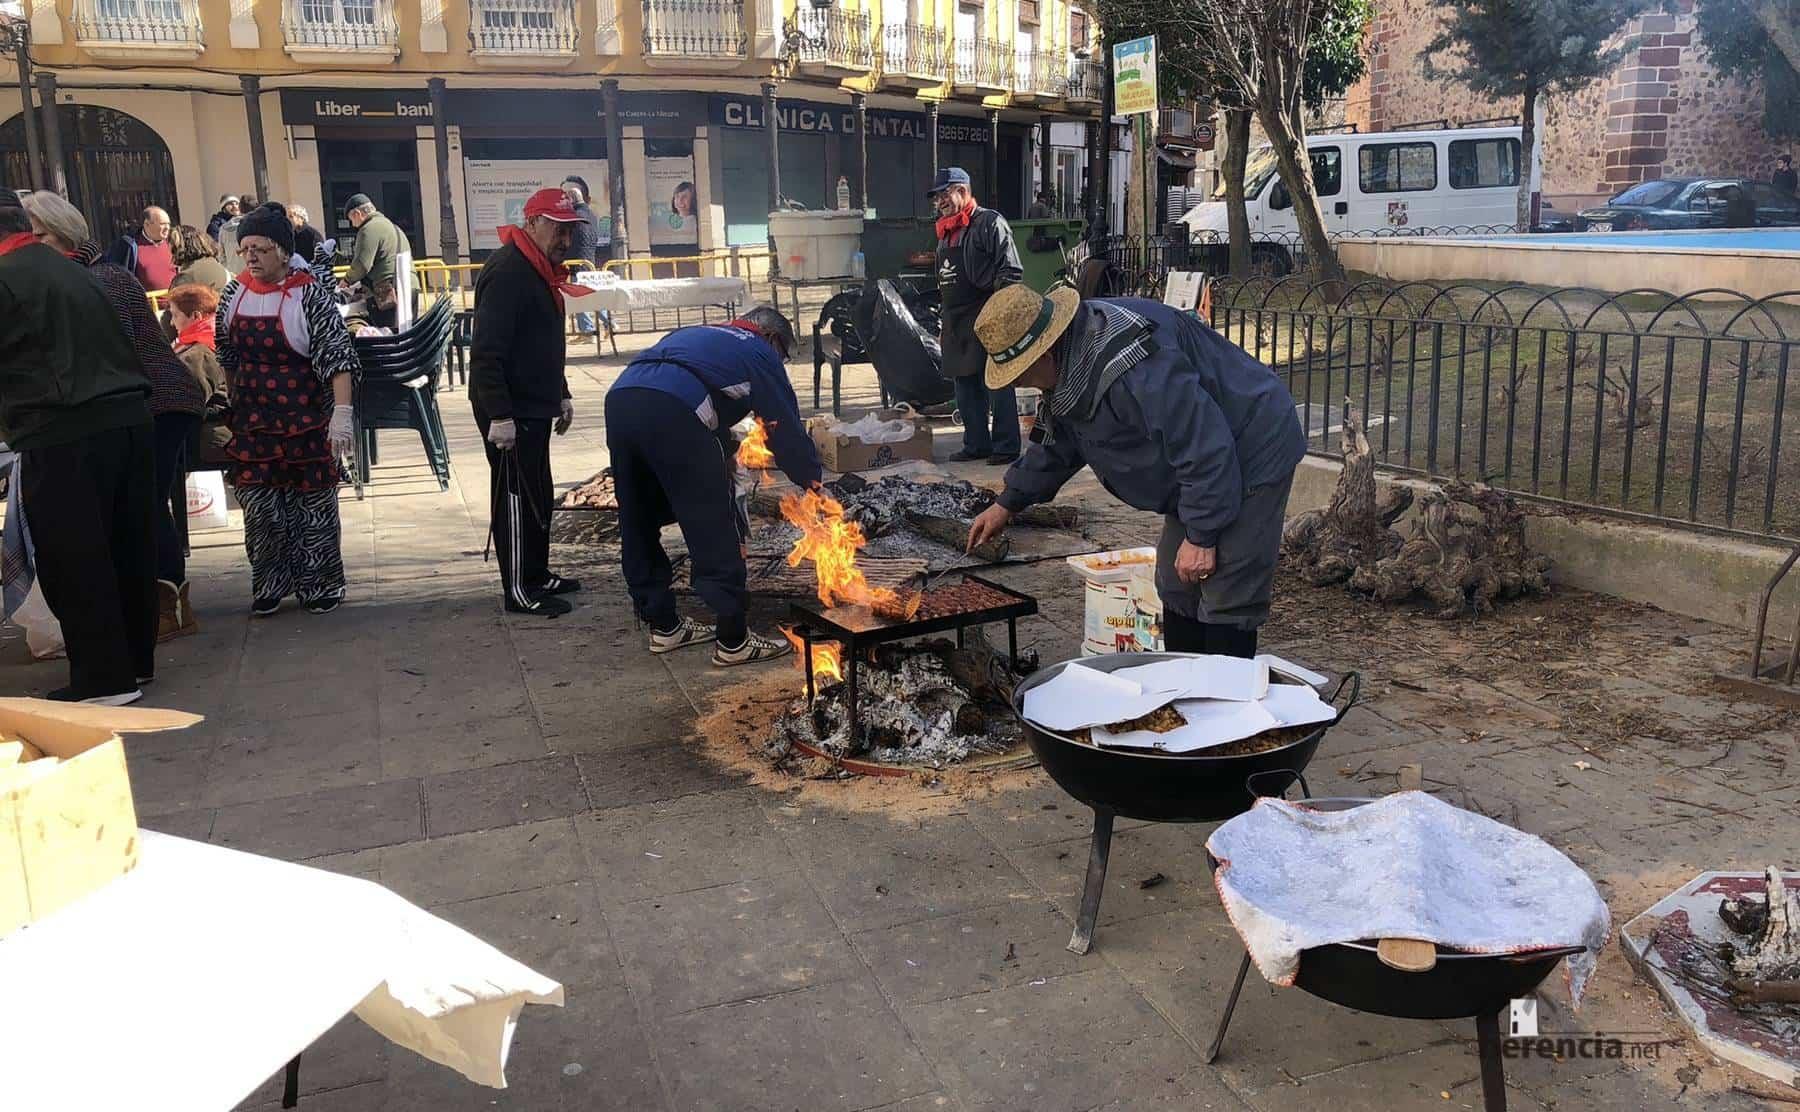 migas y matanza plaza herencia carnaval 2 - Degustación gastronómica de matanza y migas por Carnaval